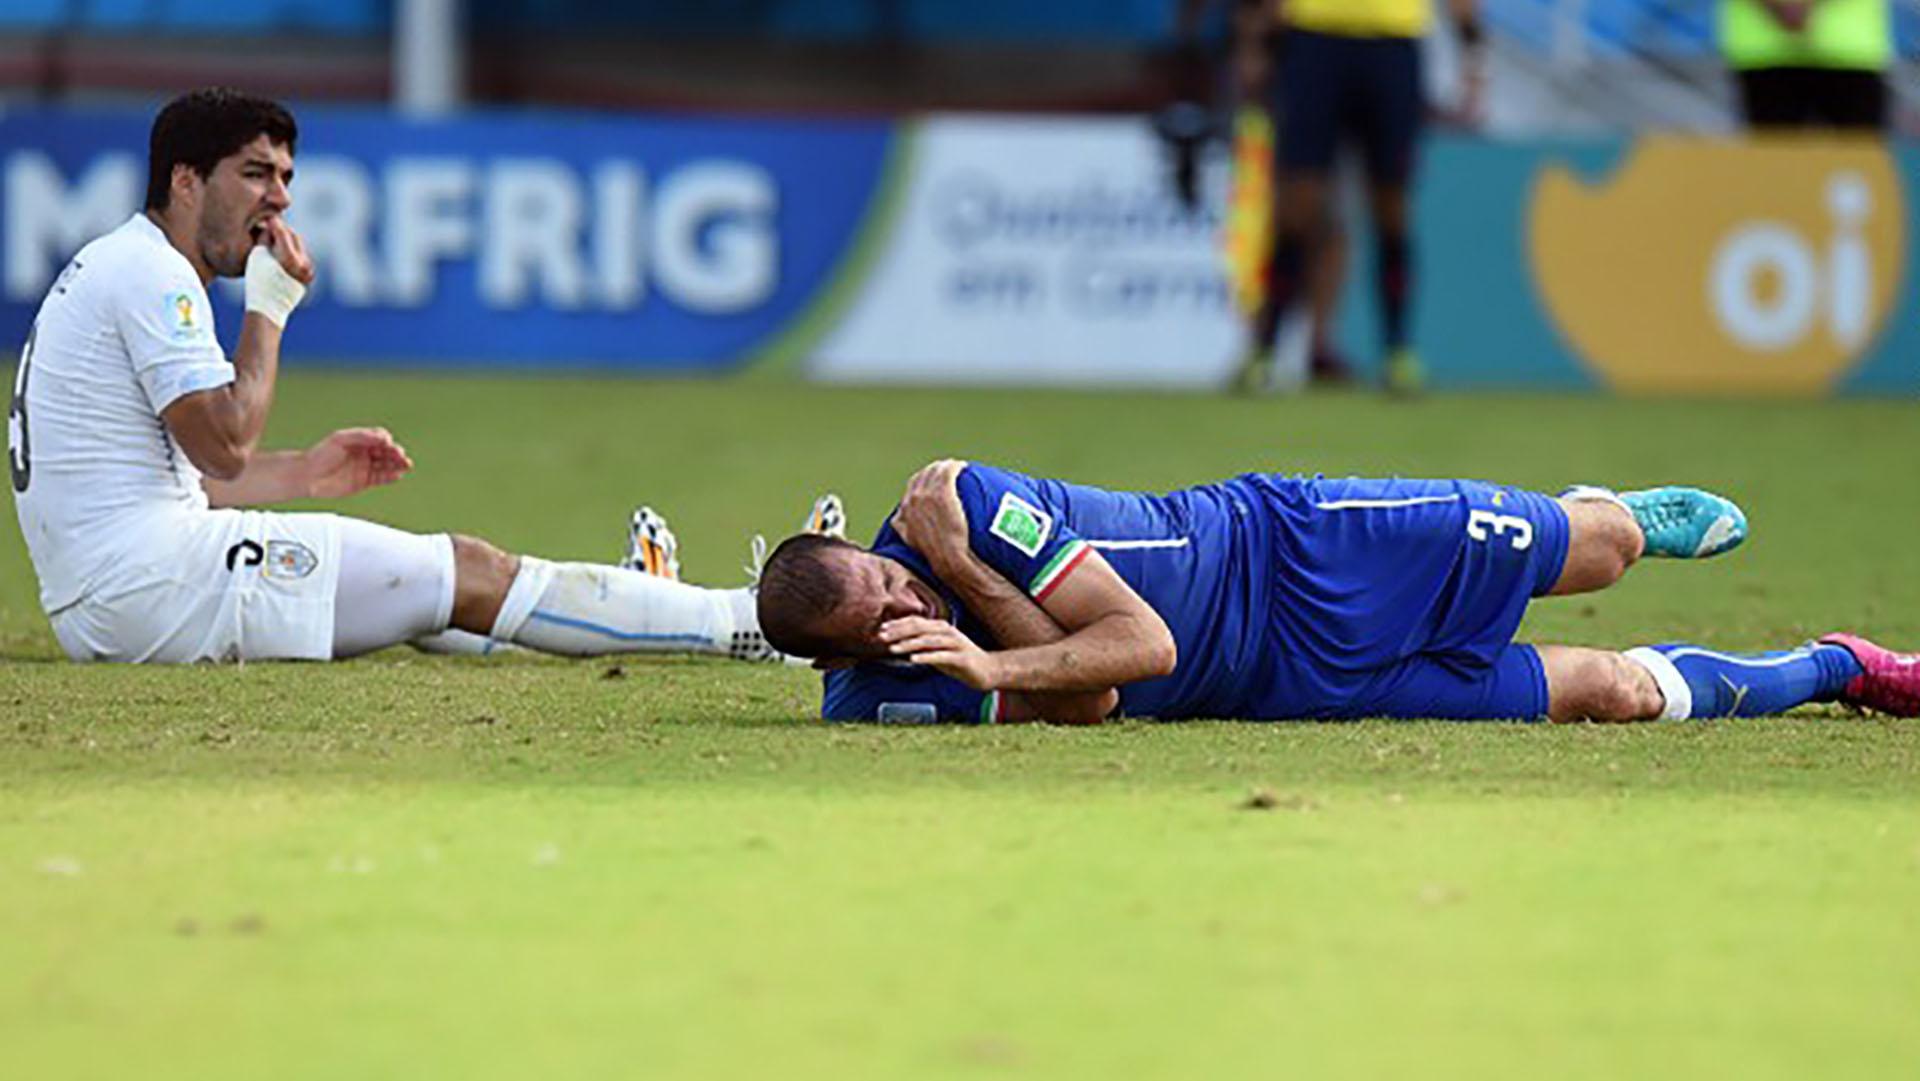 Tras el episodio, ambos quedaron en el piso. El árbitro Rodríguez no advirtió lo que ocurrió (Foto: AFP)